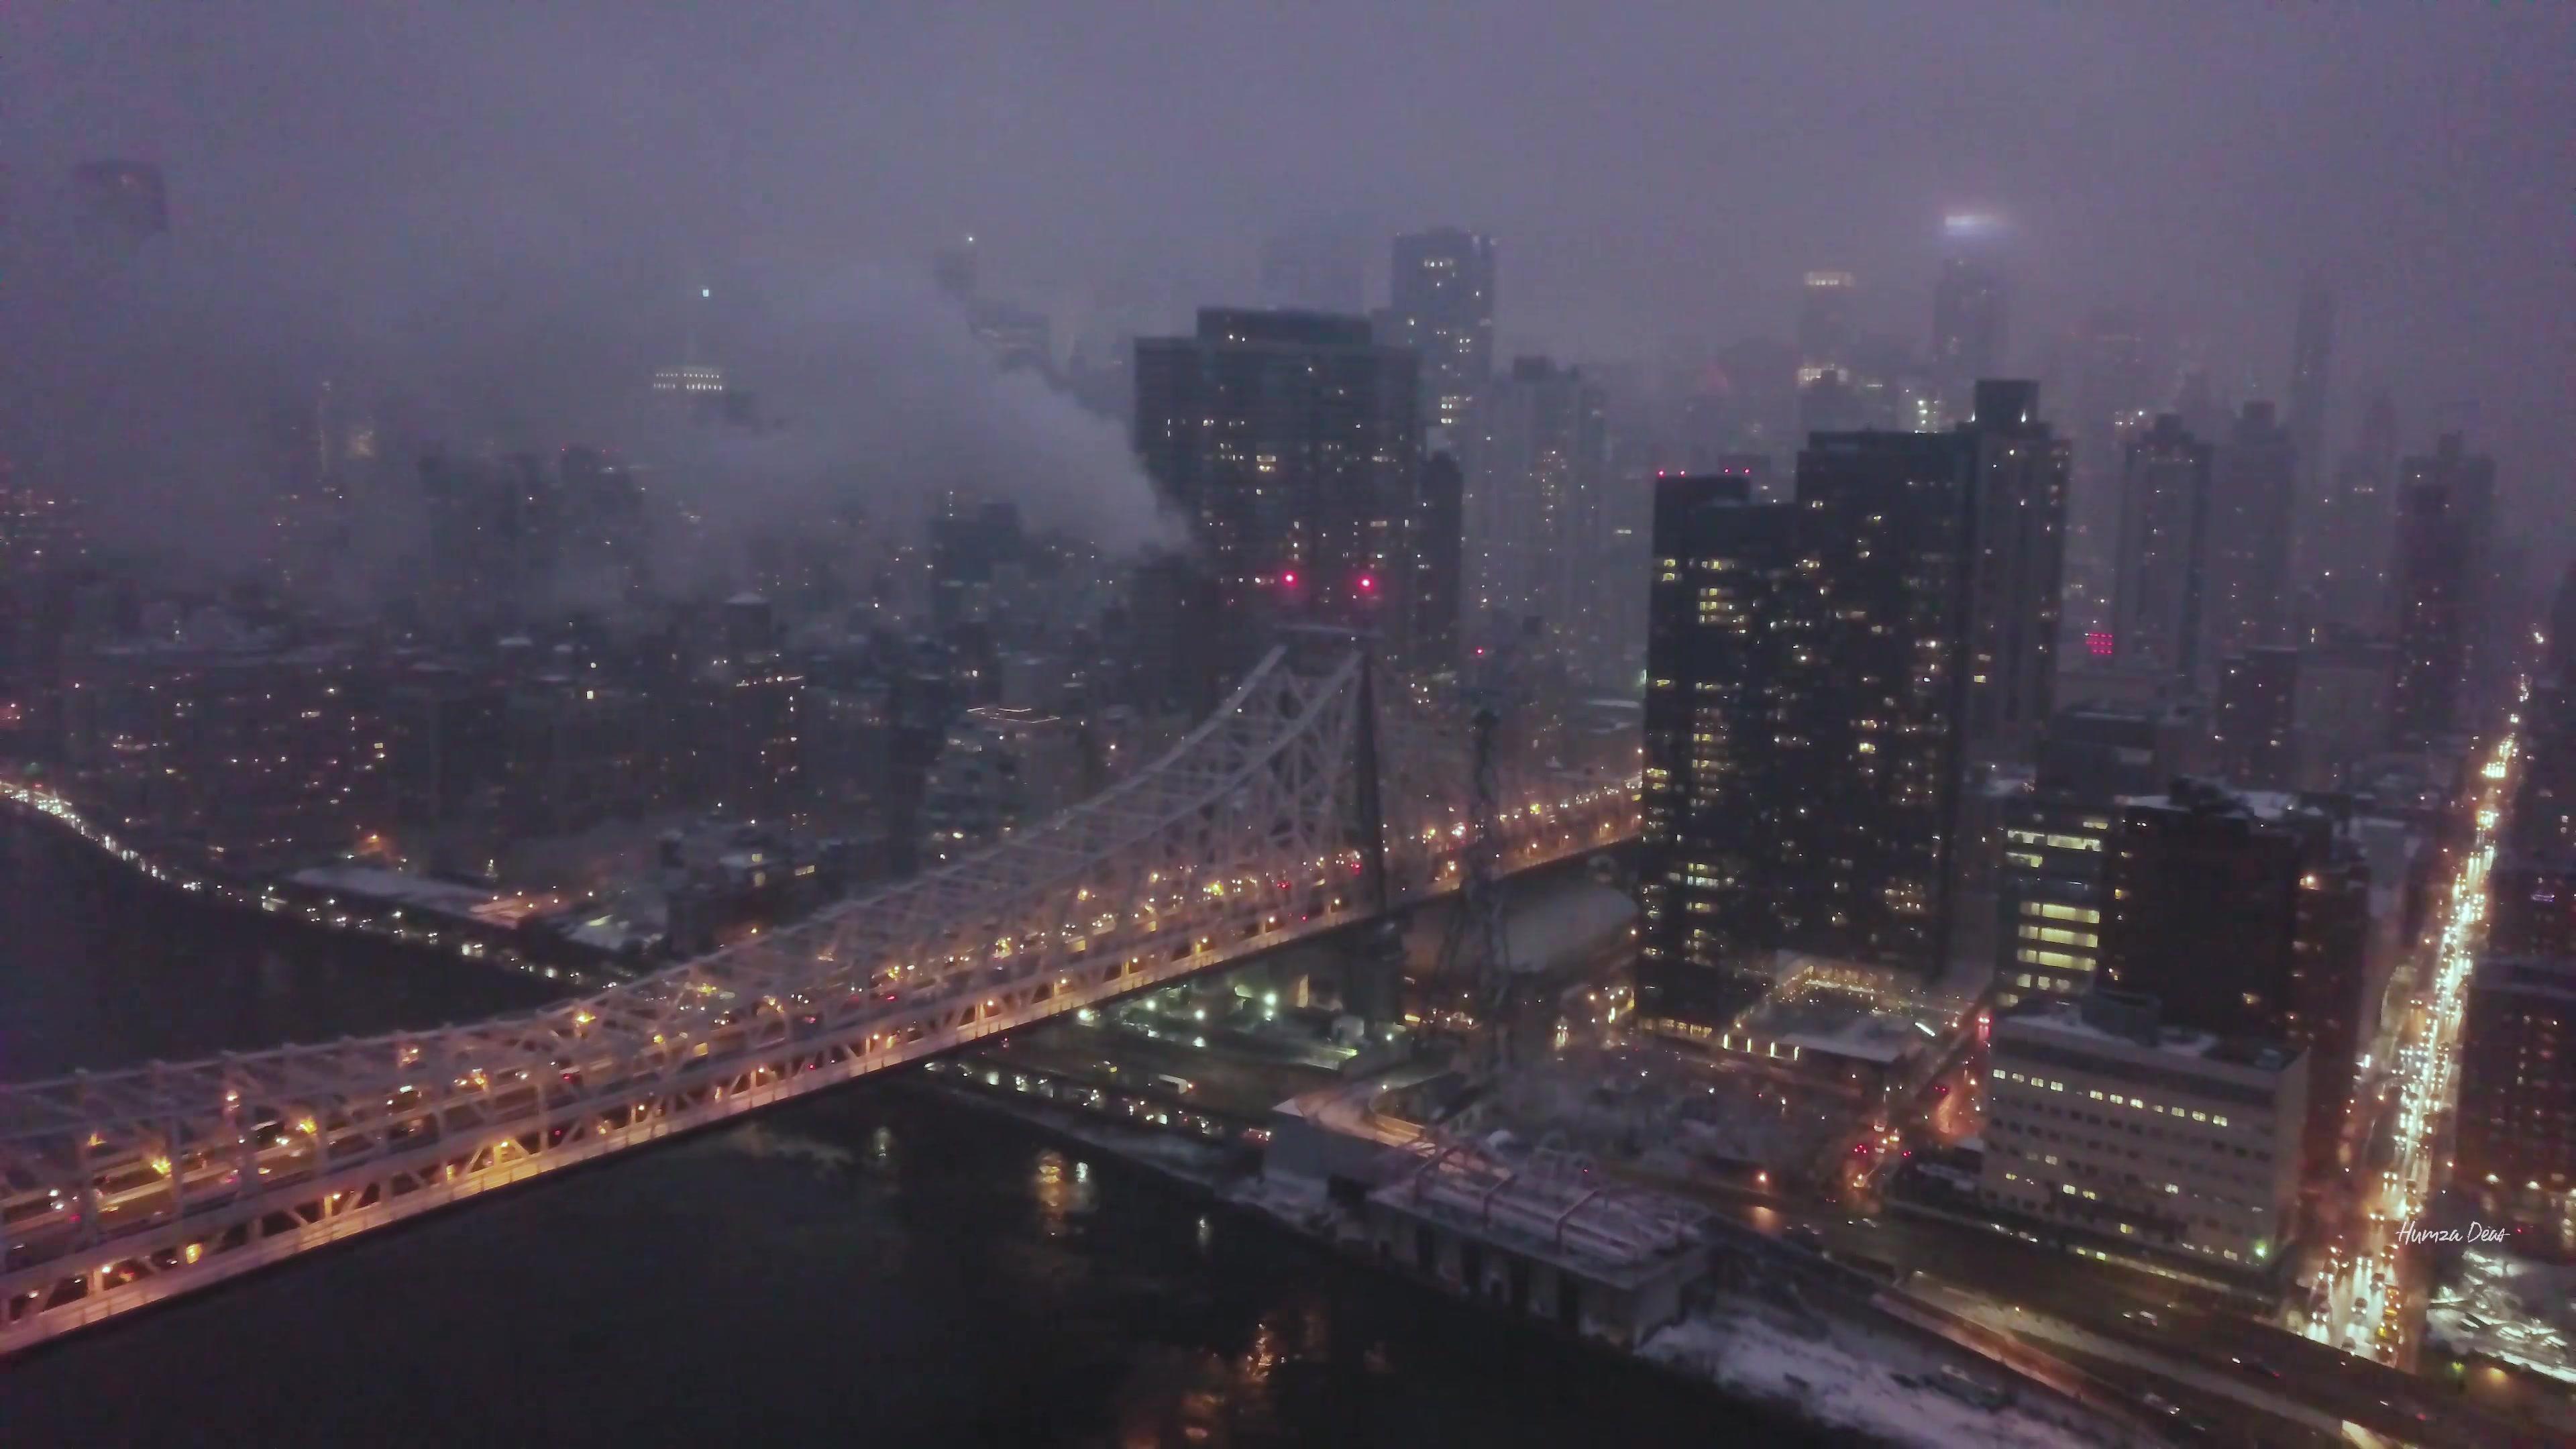 暴风哹�#�a�_2017纽约12月暴风雪过后 a storm passing